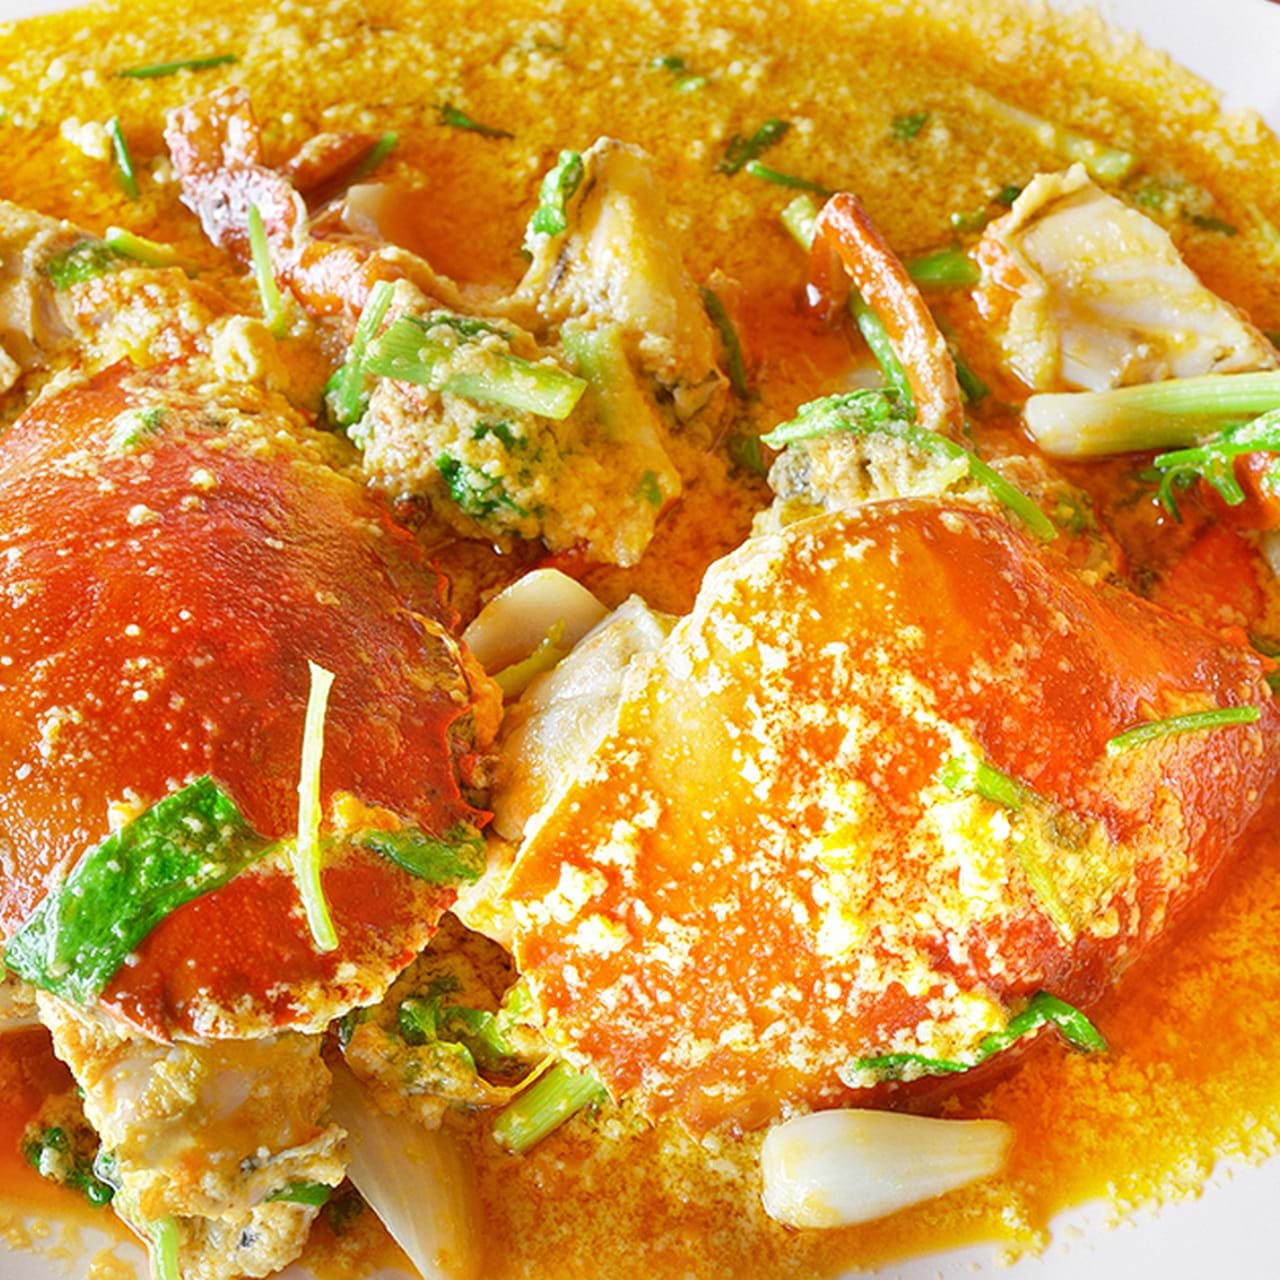 cara memasak kepiting santan